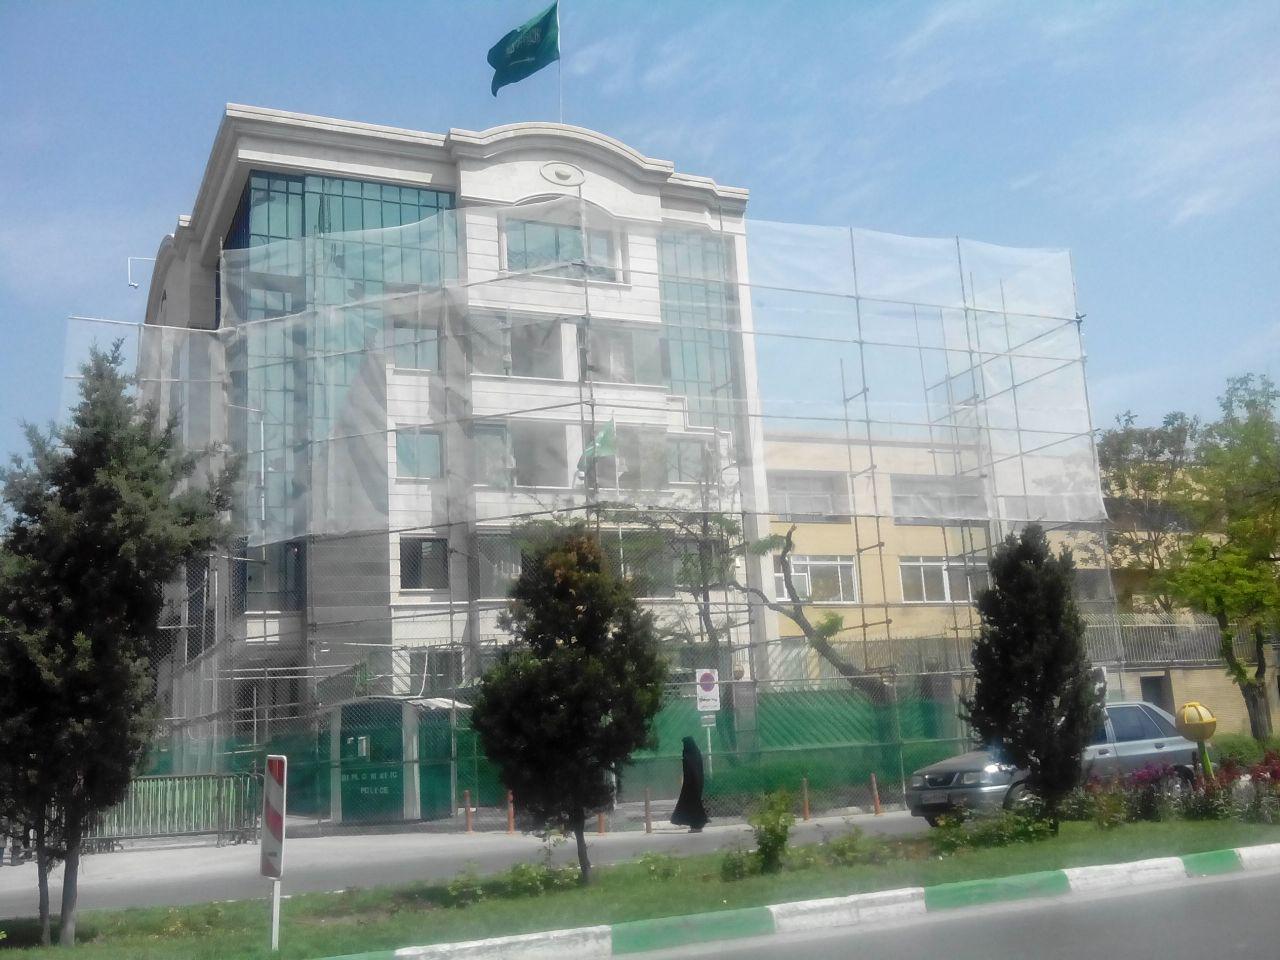 (تصویر) حصار بندی کنسولگری عربستان در مشهد!